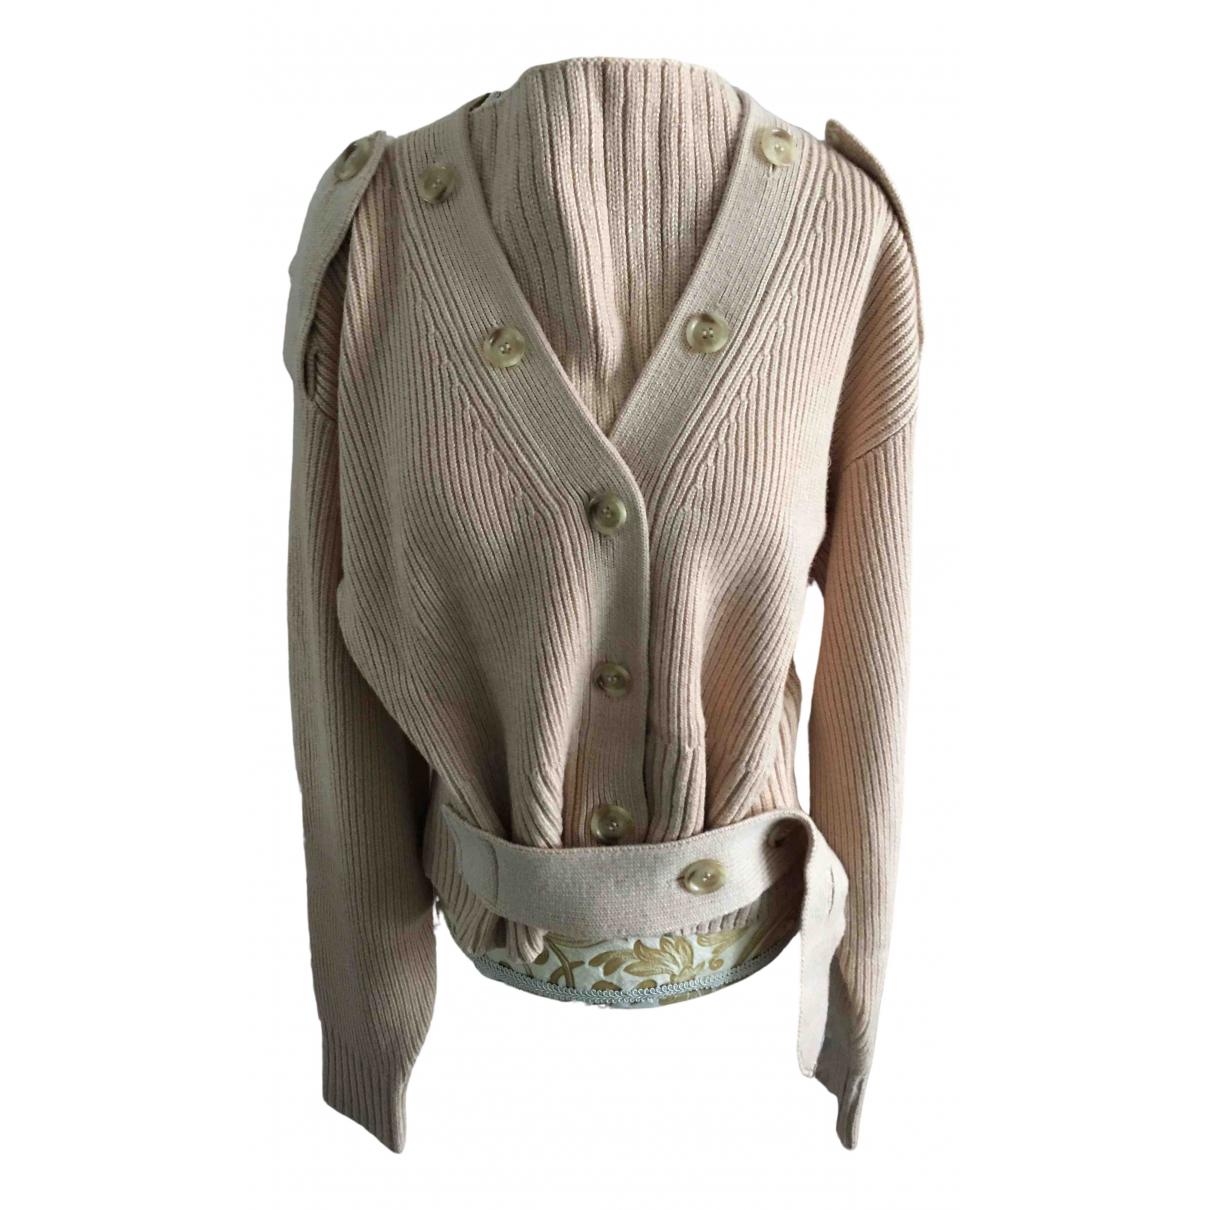 H&m Studio - Pull   pour femme en laine - beige